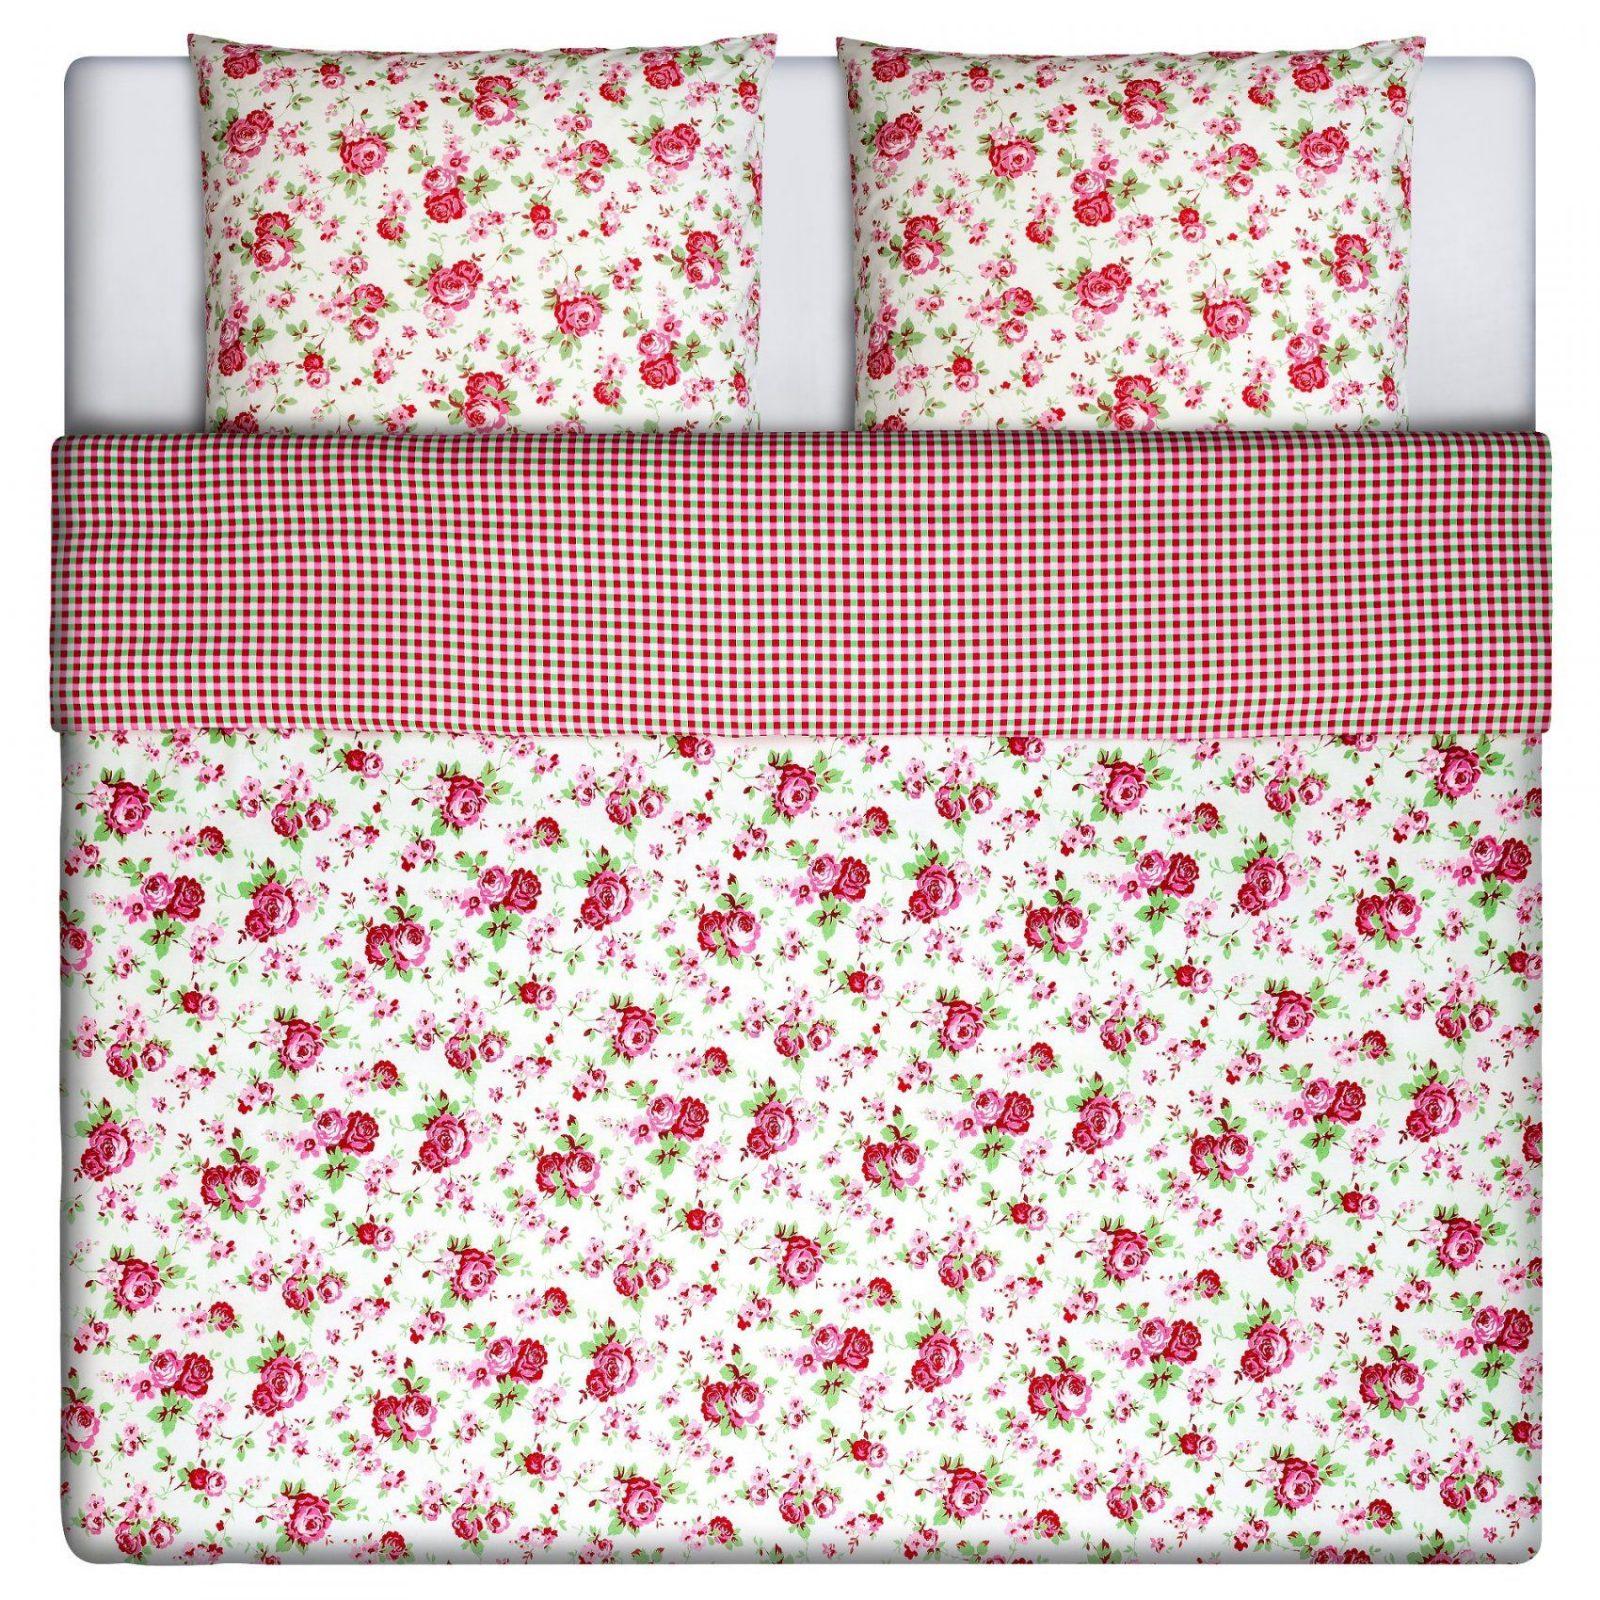 rosali dekbedovertrek met 2 slopen 200x20060x70 cm ikea. Black Bedroom Furniture Sets. Home Design Ideas